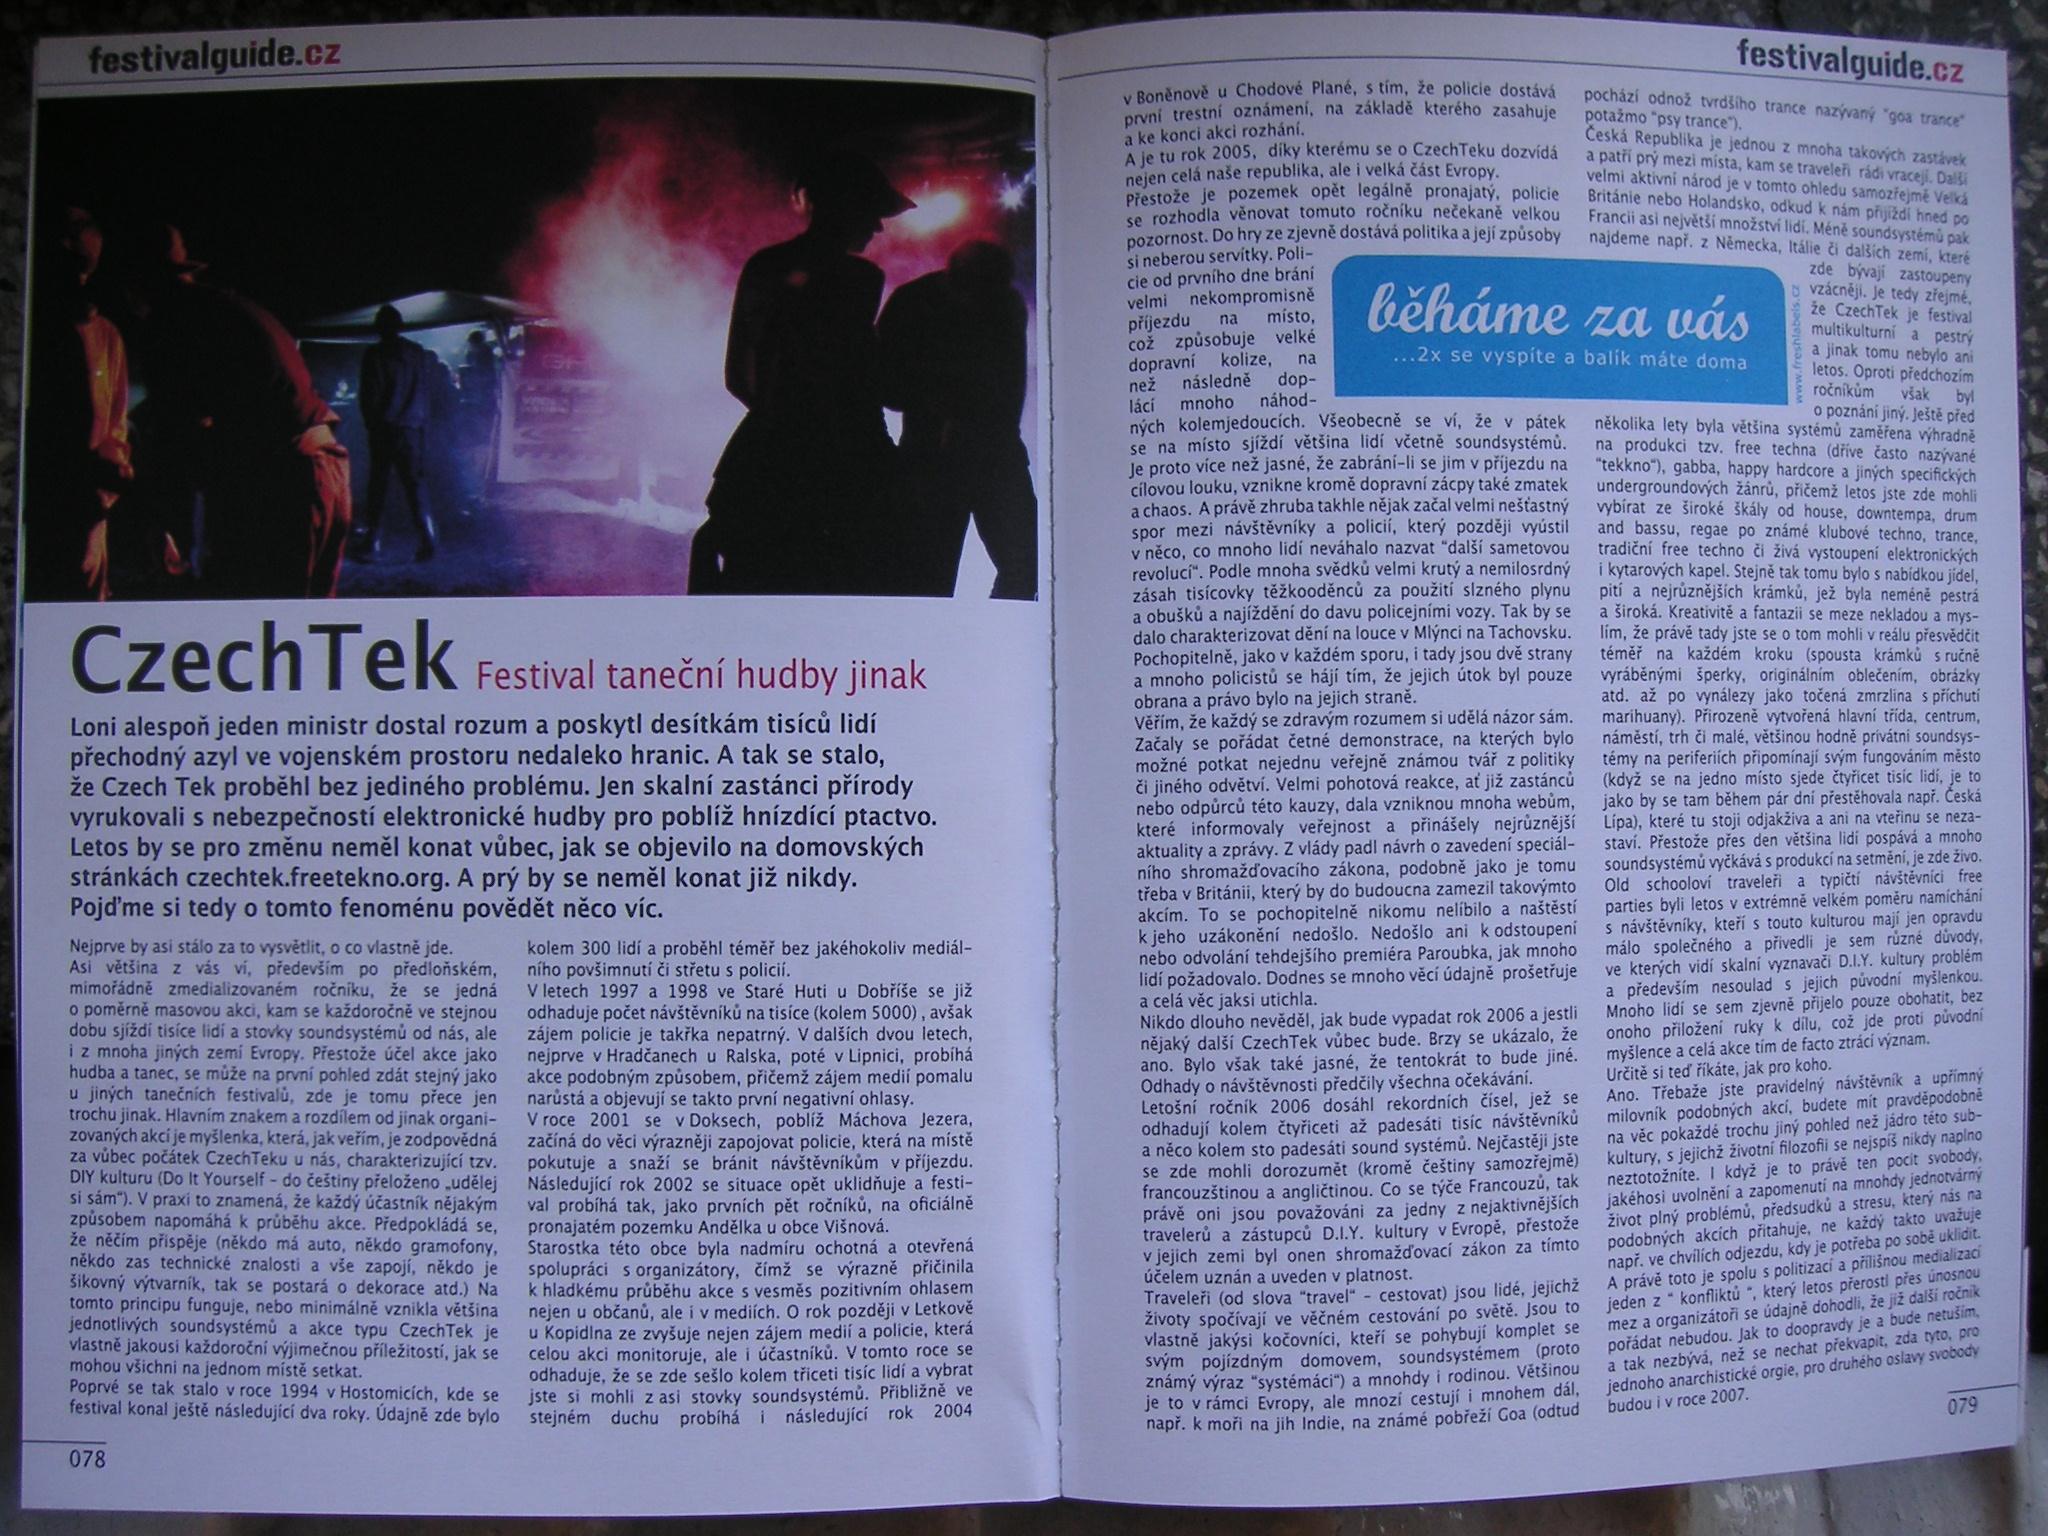 CzechTek (festivalguide.cz)